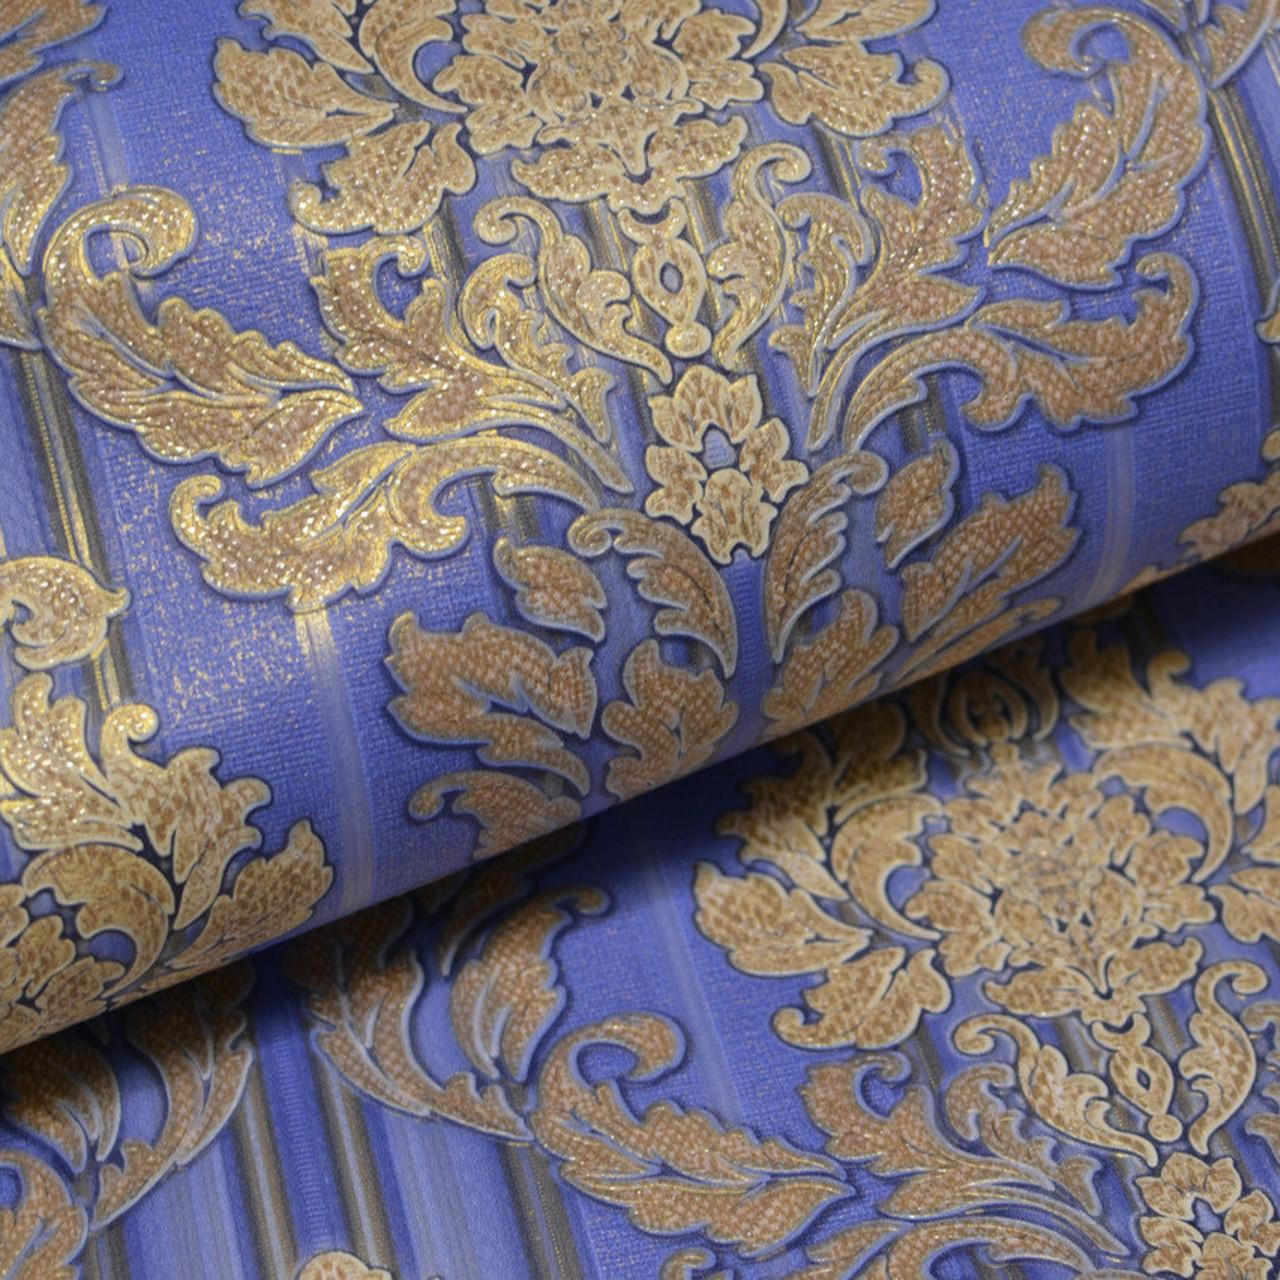 Обои на стену, дуплекс, бумажная основа, дворцовый стиль, золотые, синие, B64,4 Цезарь 8102-03, 0.53*10м